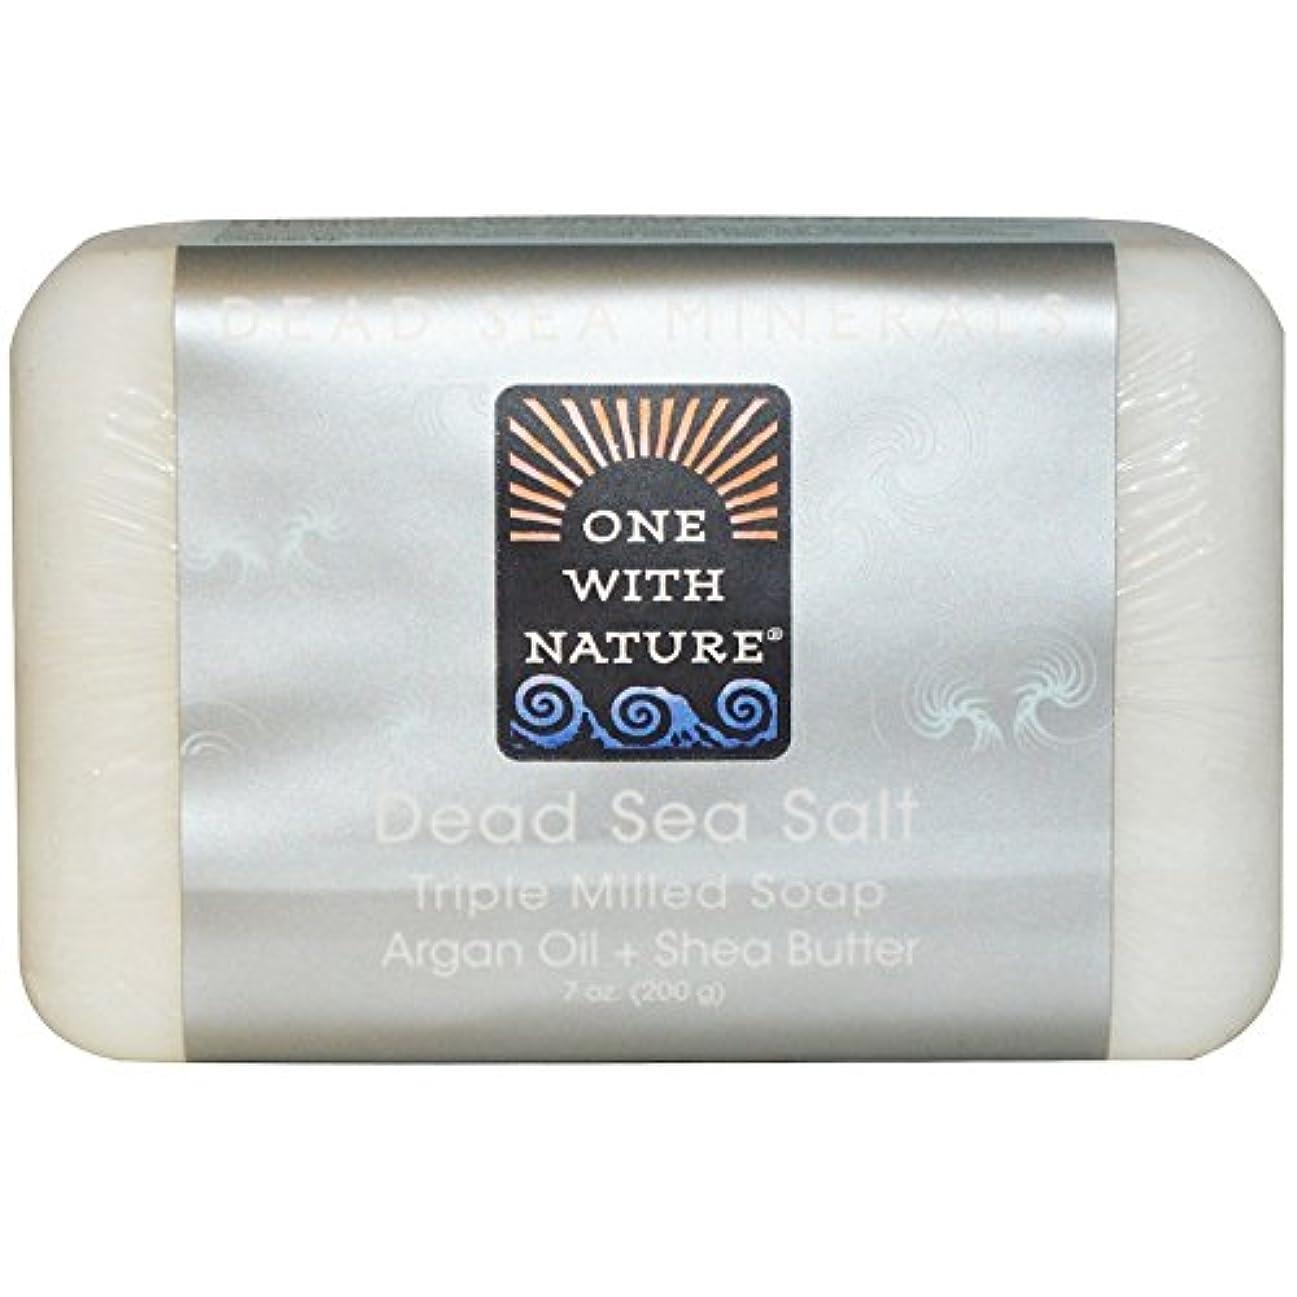 皮引数まつげOne With Nature - 死海死海の泥を活性化させるミネラル棒石鹸 - 7ポンド [並行輸入品]